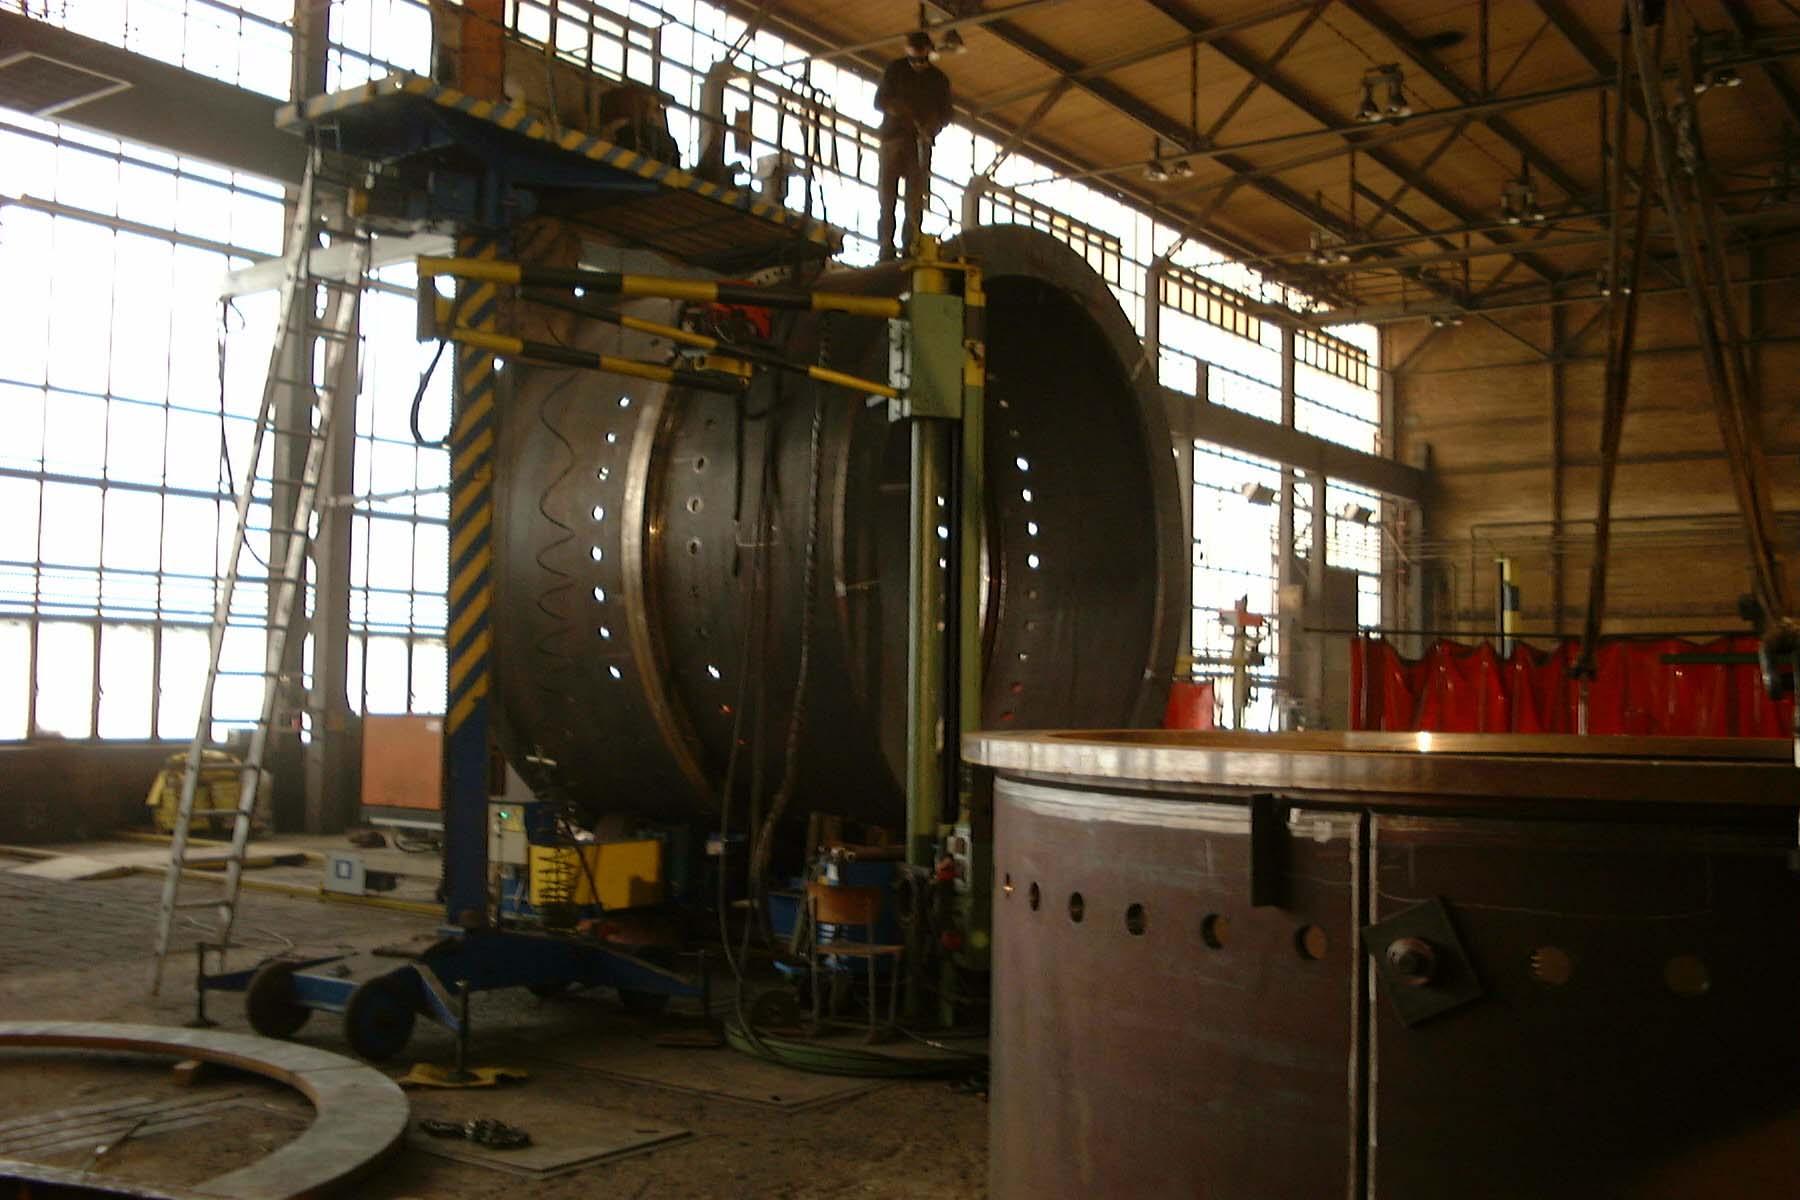 undamentteil von ein Windturm - Fertigung / Foundation element - in production